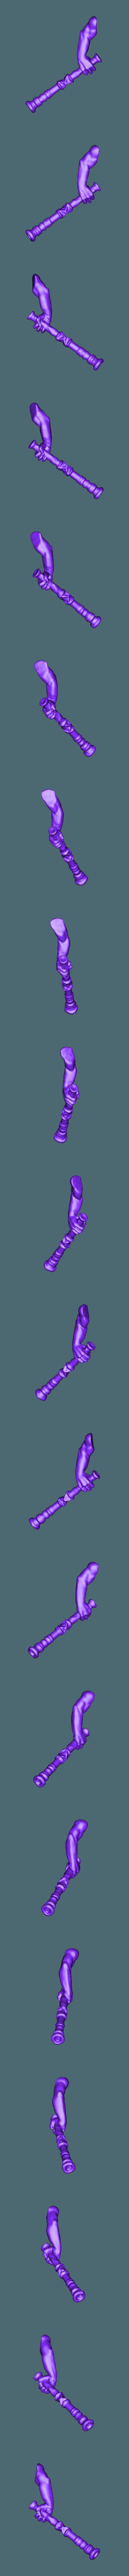 right_arm_v1.stl Télécharger fichier STL gratuit Miniatures de guerriers caméléons • Design à imprimer en 3D, Ilhadiel